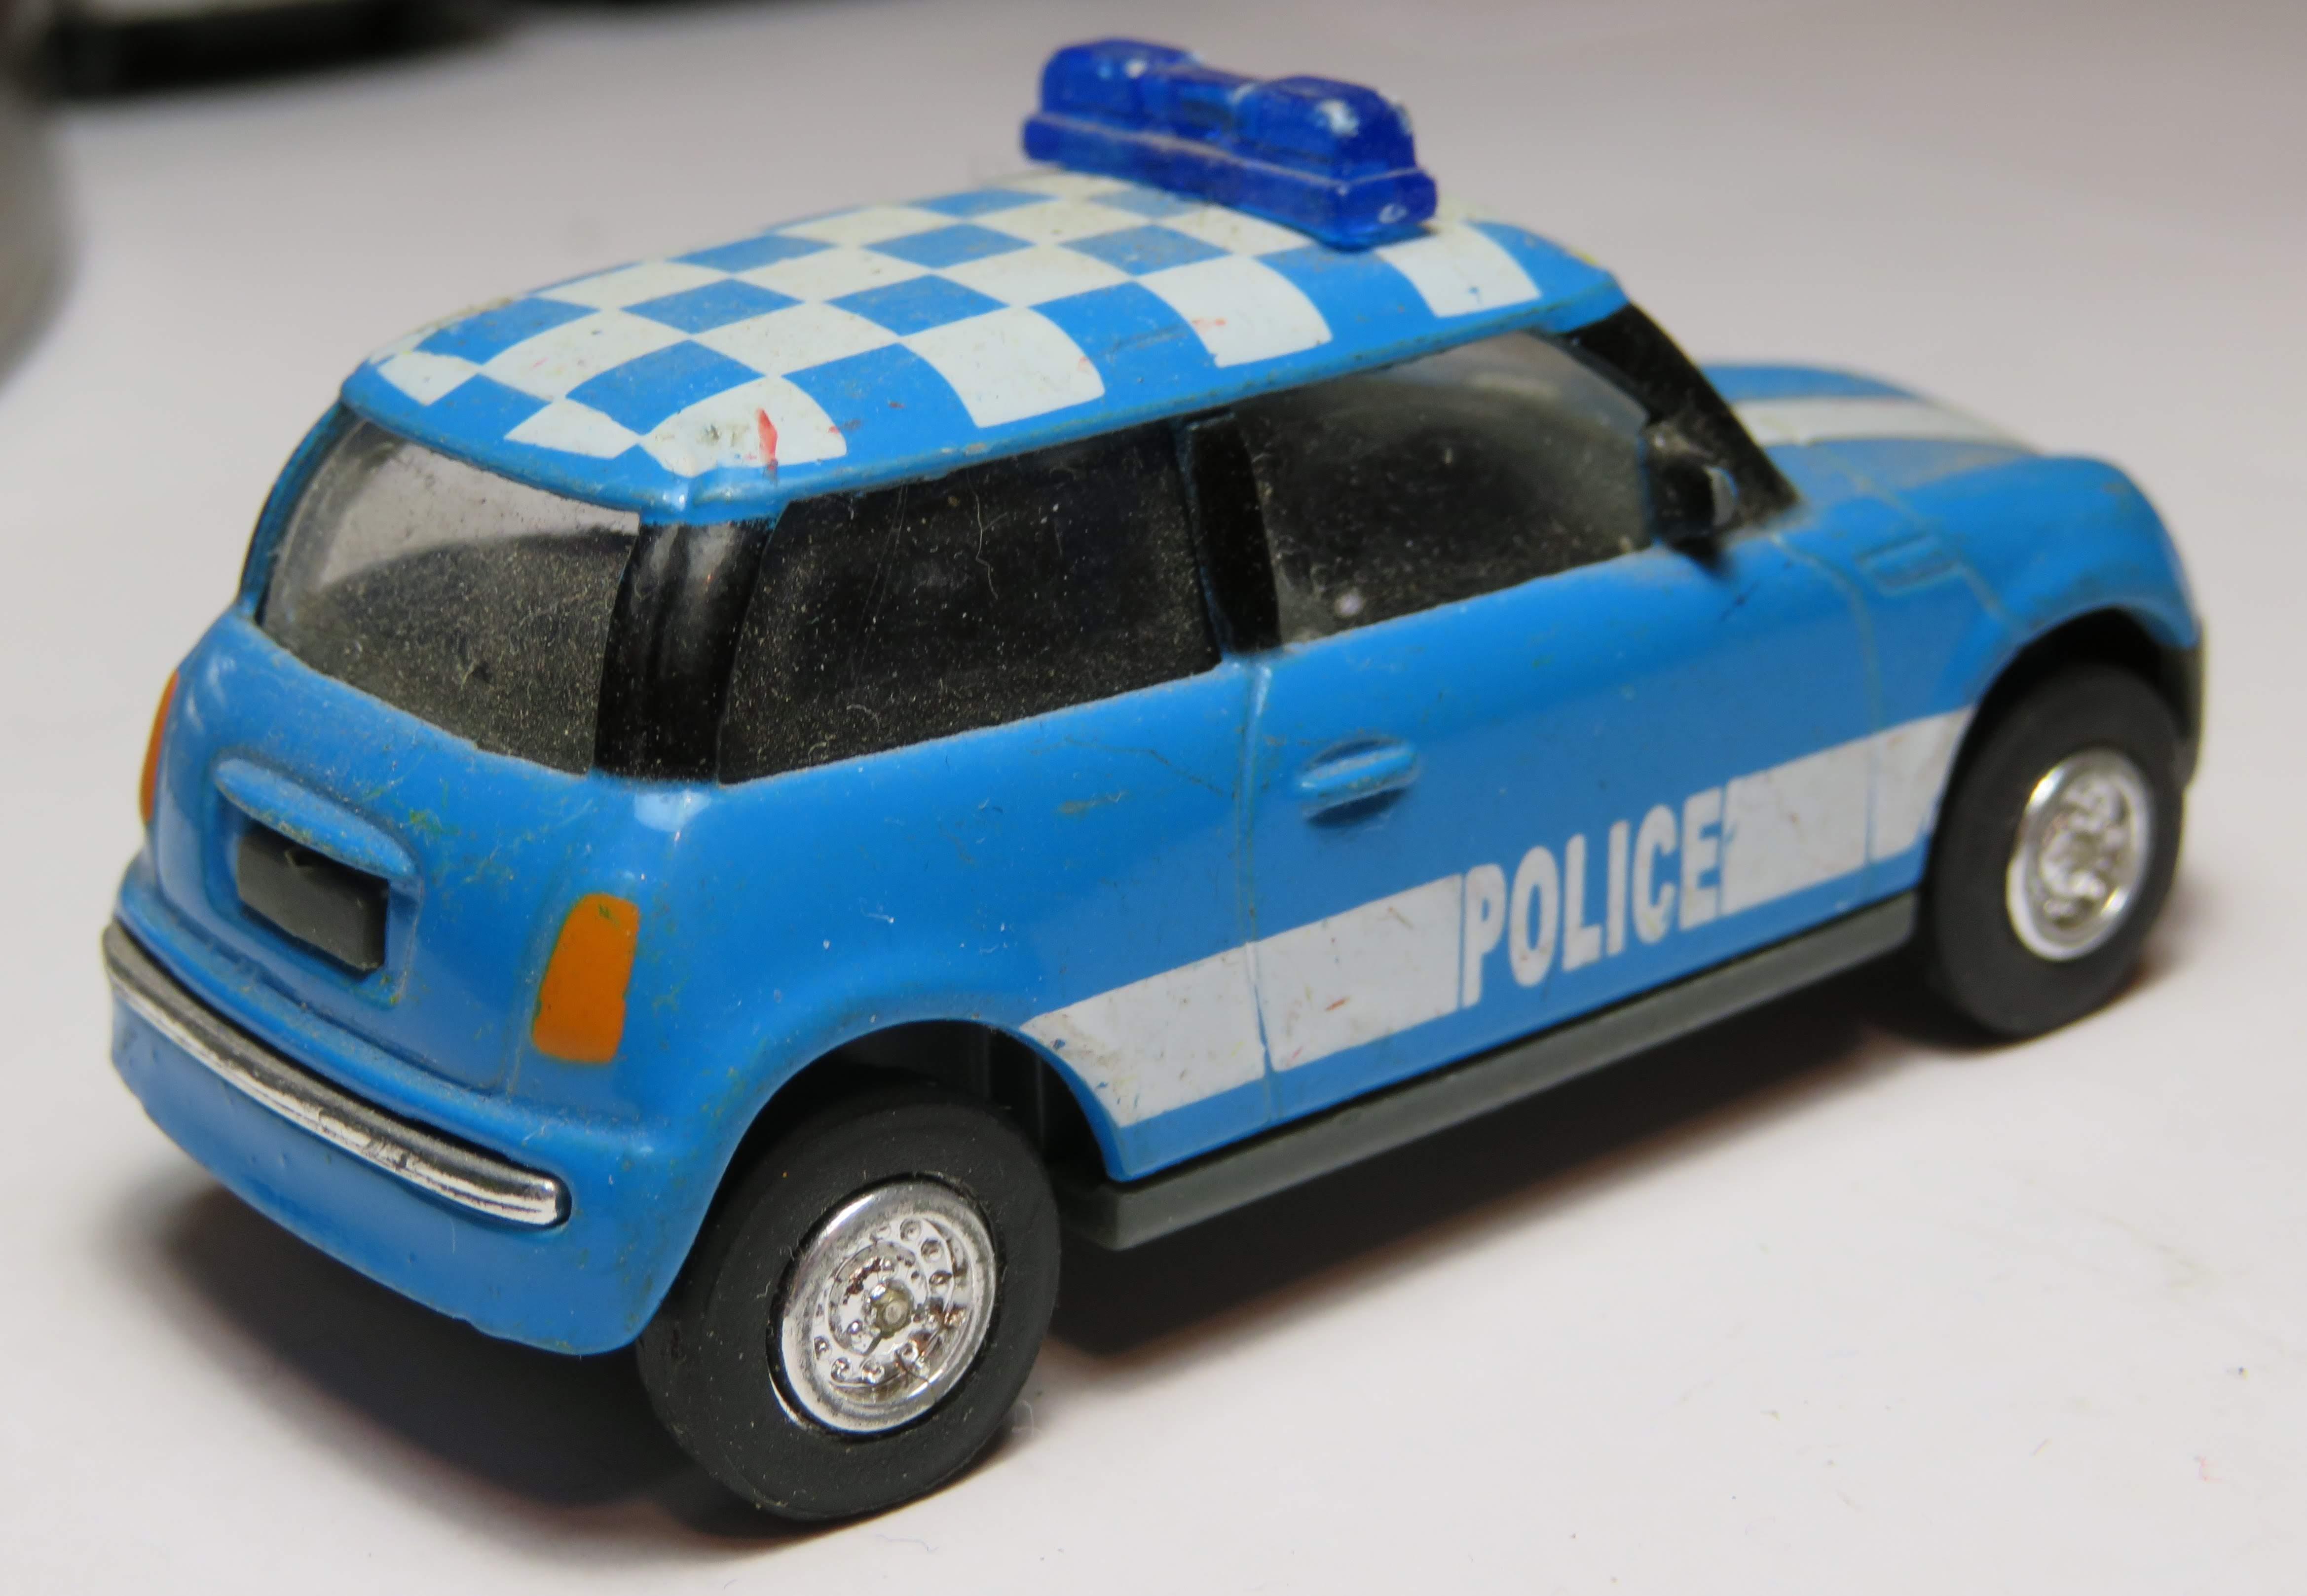 file:mini cooper police cruiserunknown manufacturer (rear)